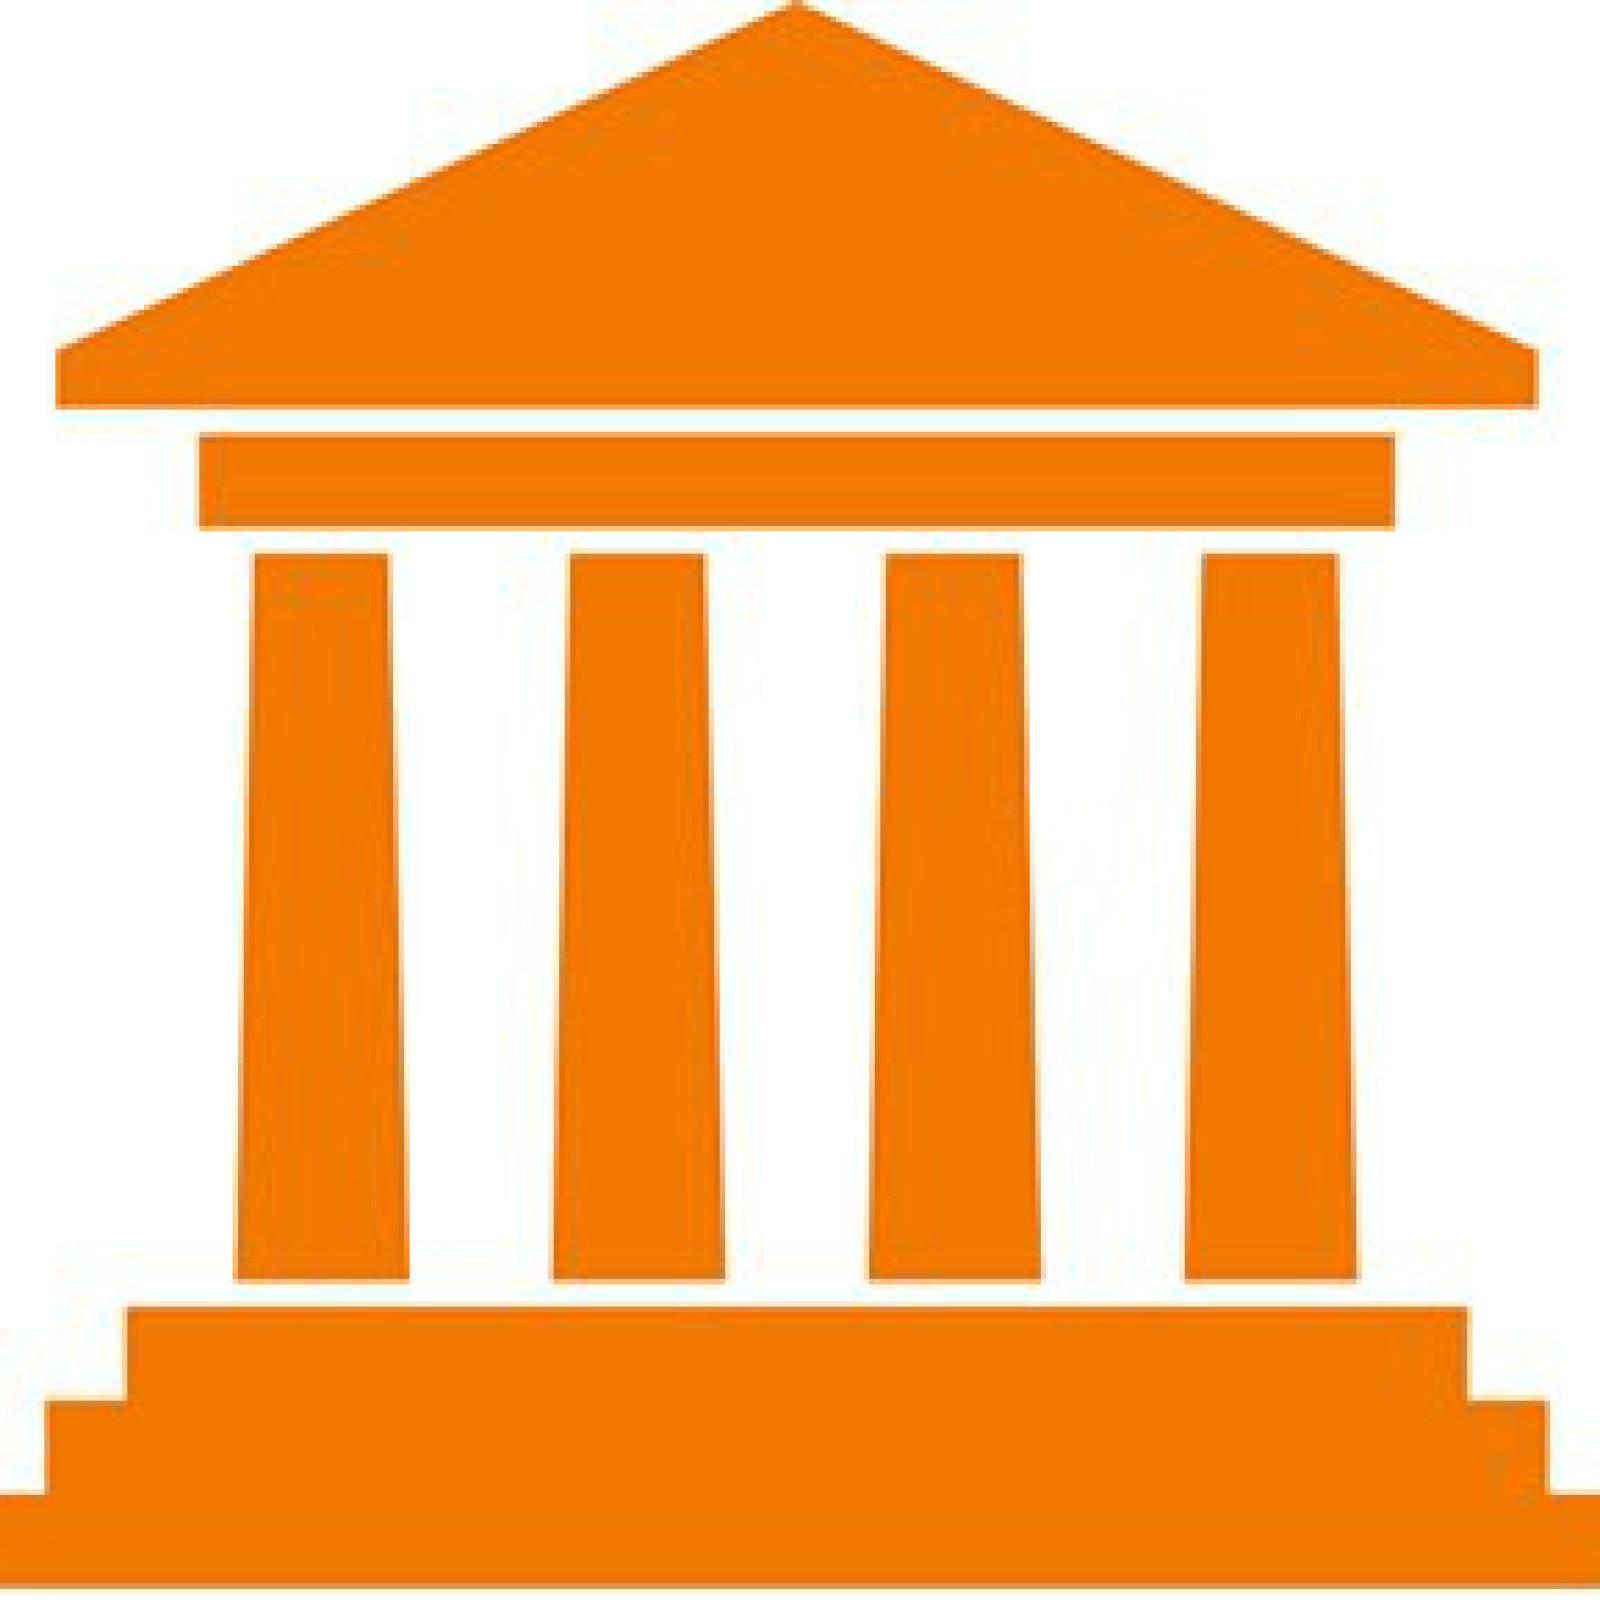 La decisione della Consulta sul 'caso Cappato'